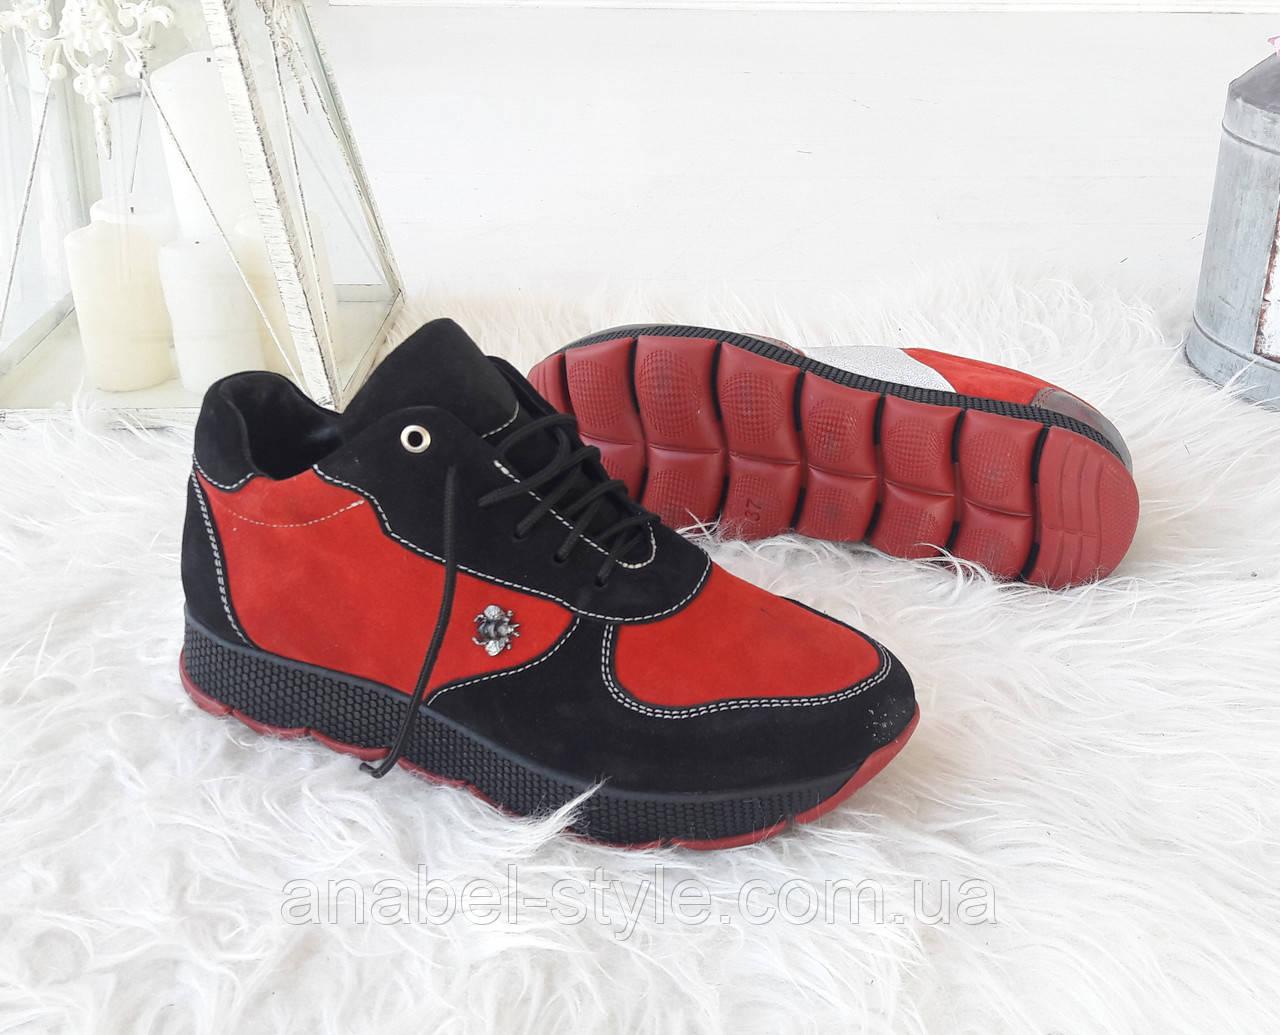 Кроссовки женские стильные из натуральной замши на шнуровке цвета черный+красный Код 1509 AR